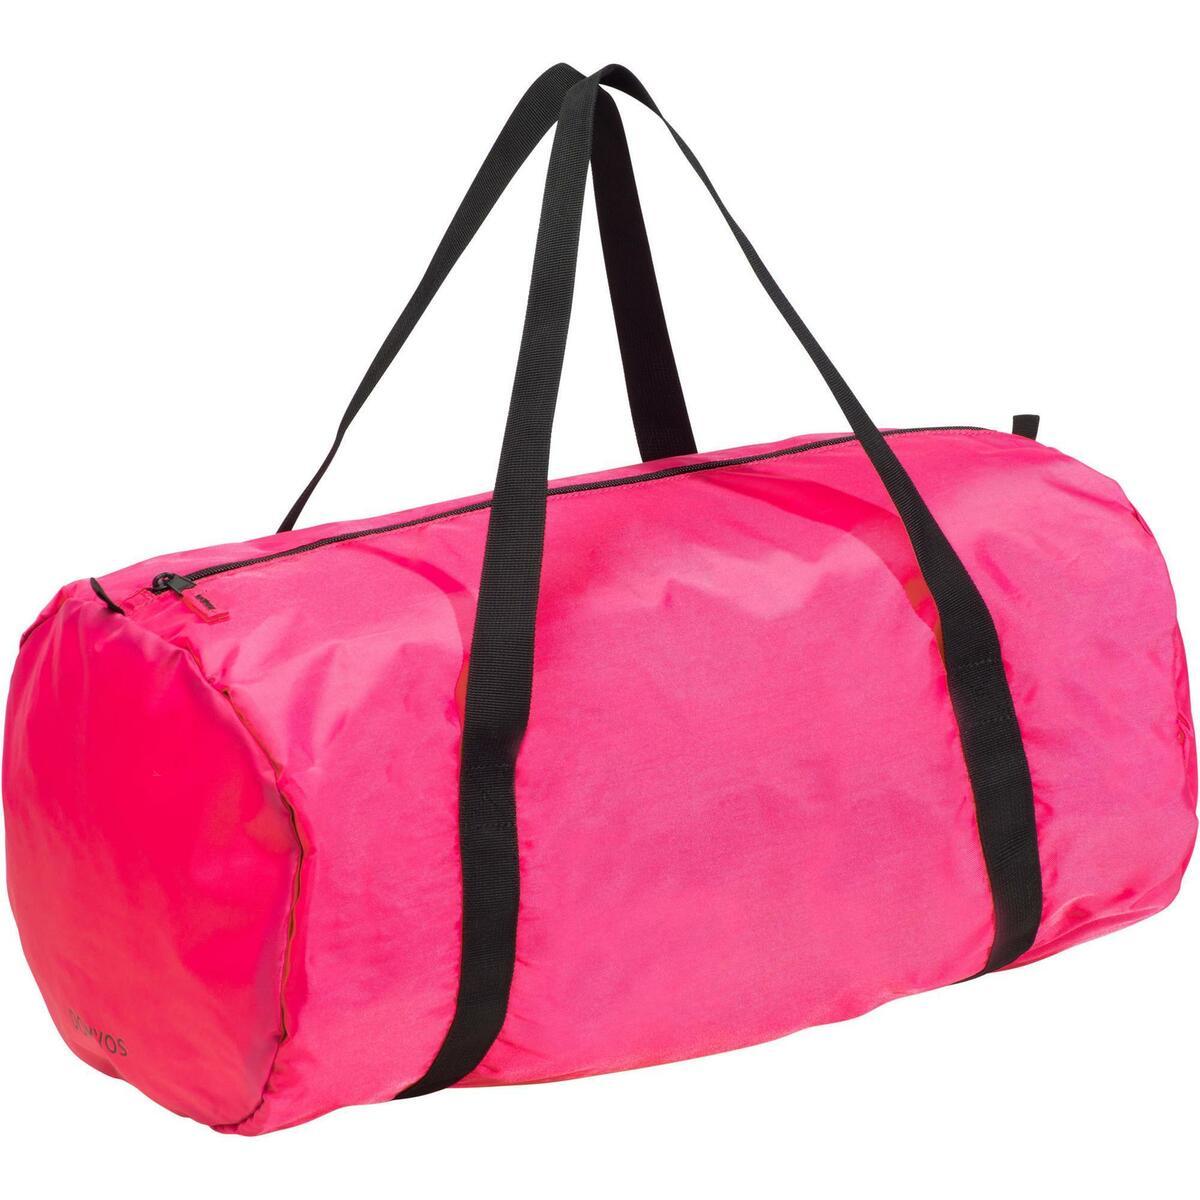 Bild 1 von Sporttasche Fitness Cardio faltbar 30 l rosa